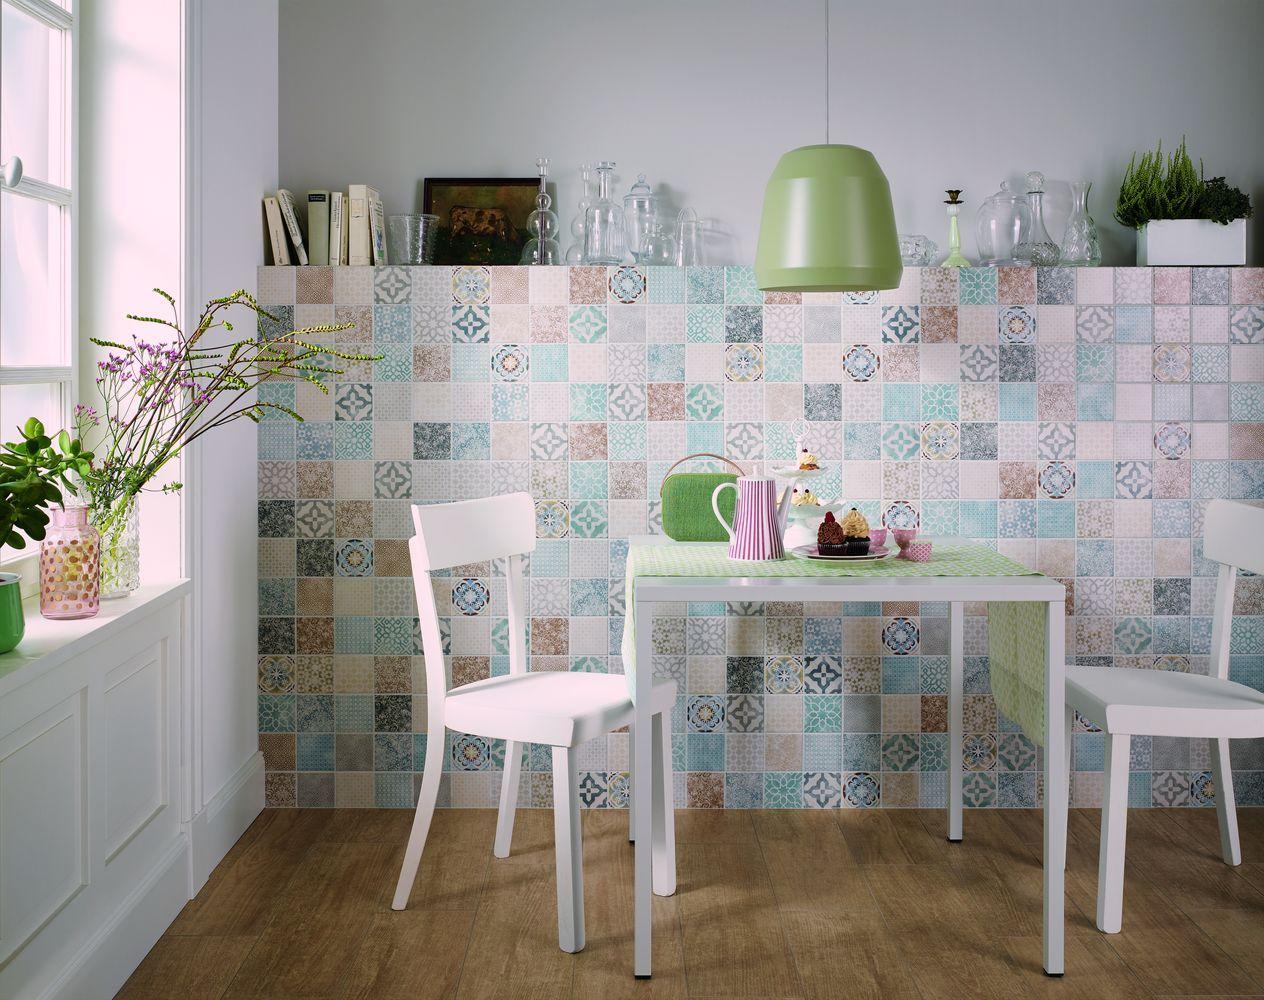 Carrelage Colore Mur Cuisine Pattern 2 Vm Faience Bleu Vintage Carrelage Interieur Carrelage Motif Deco Sol